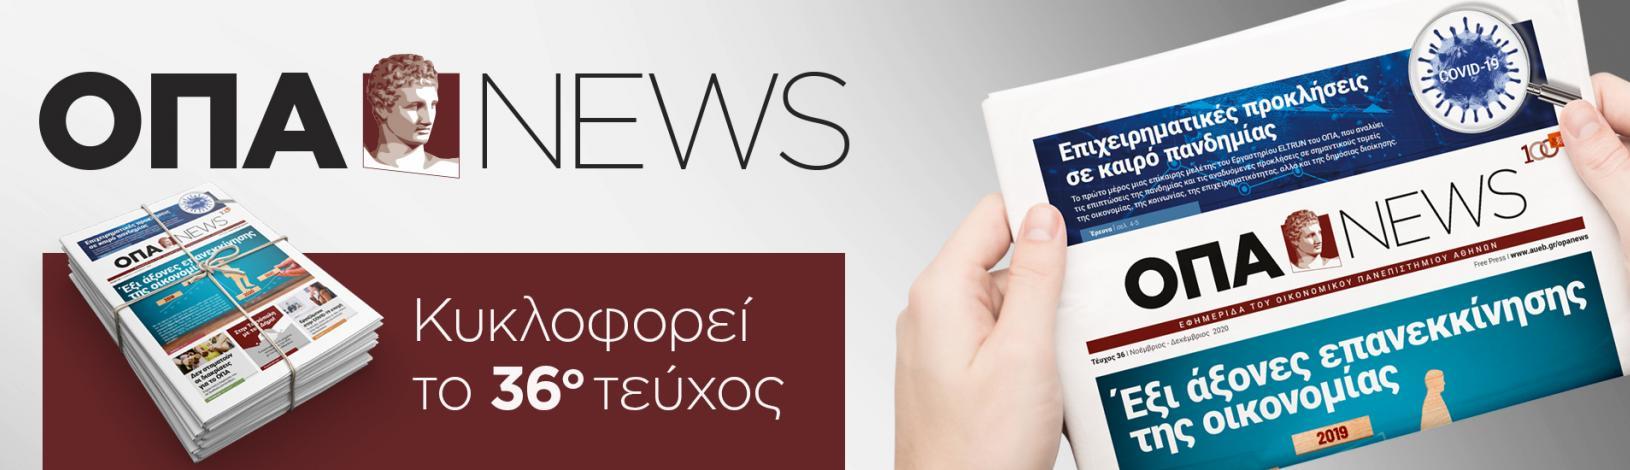 36ο τεύχος ΟΠΑ news